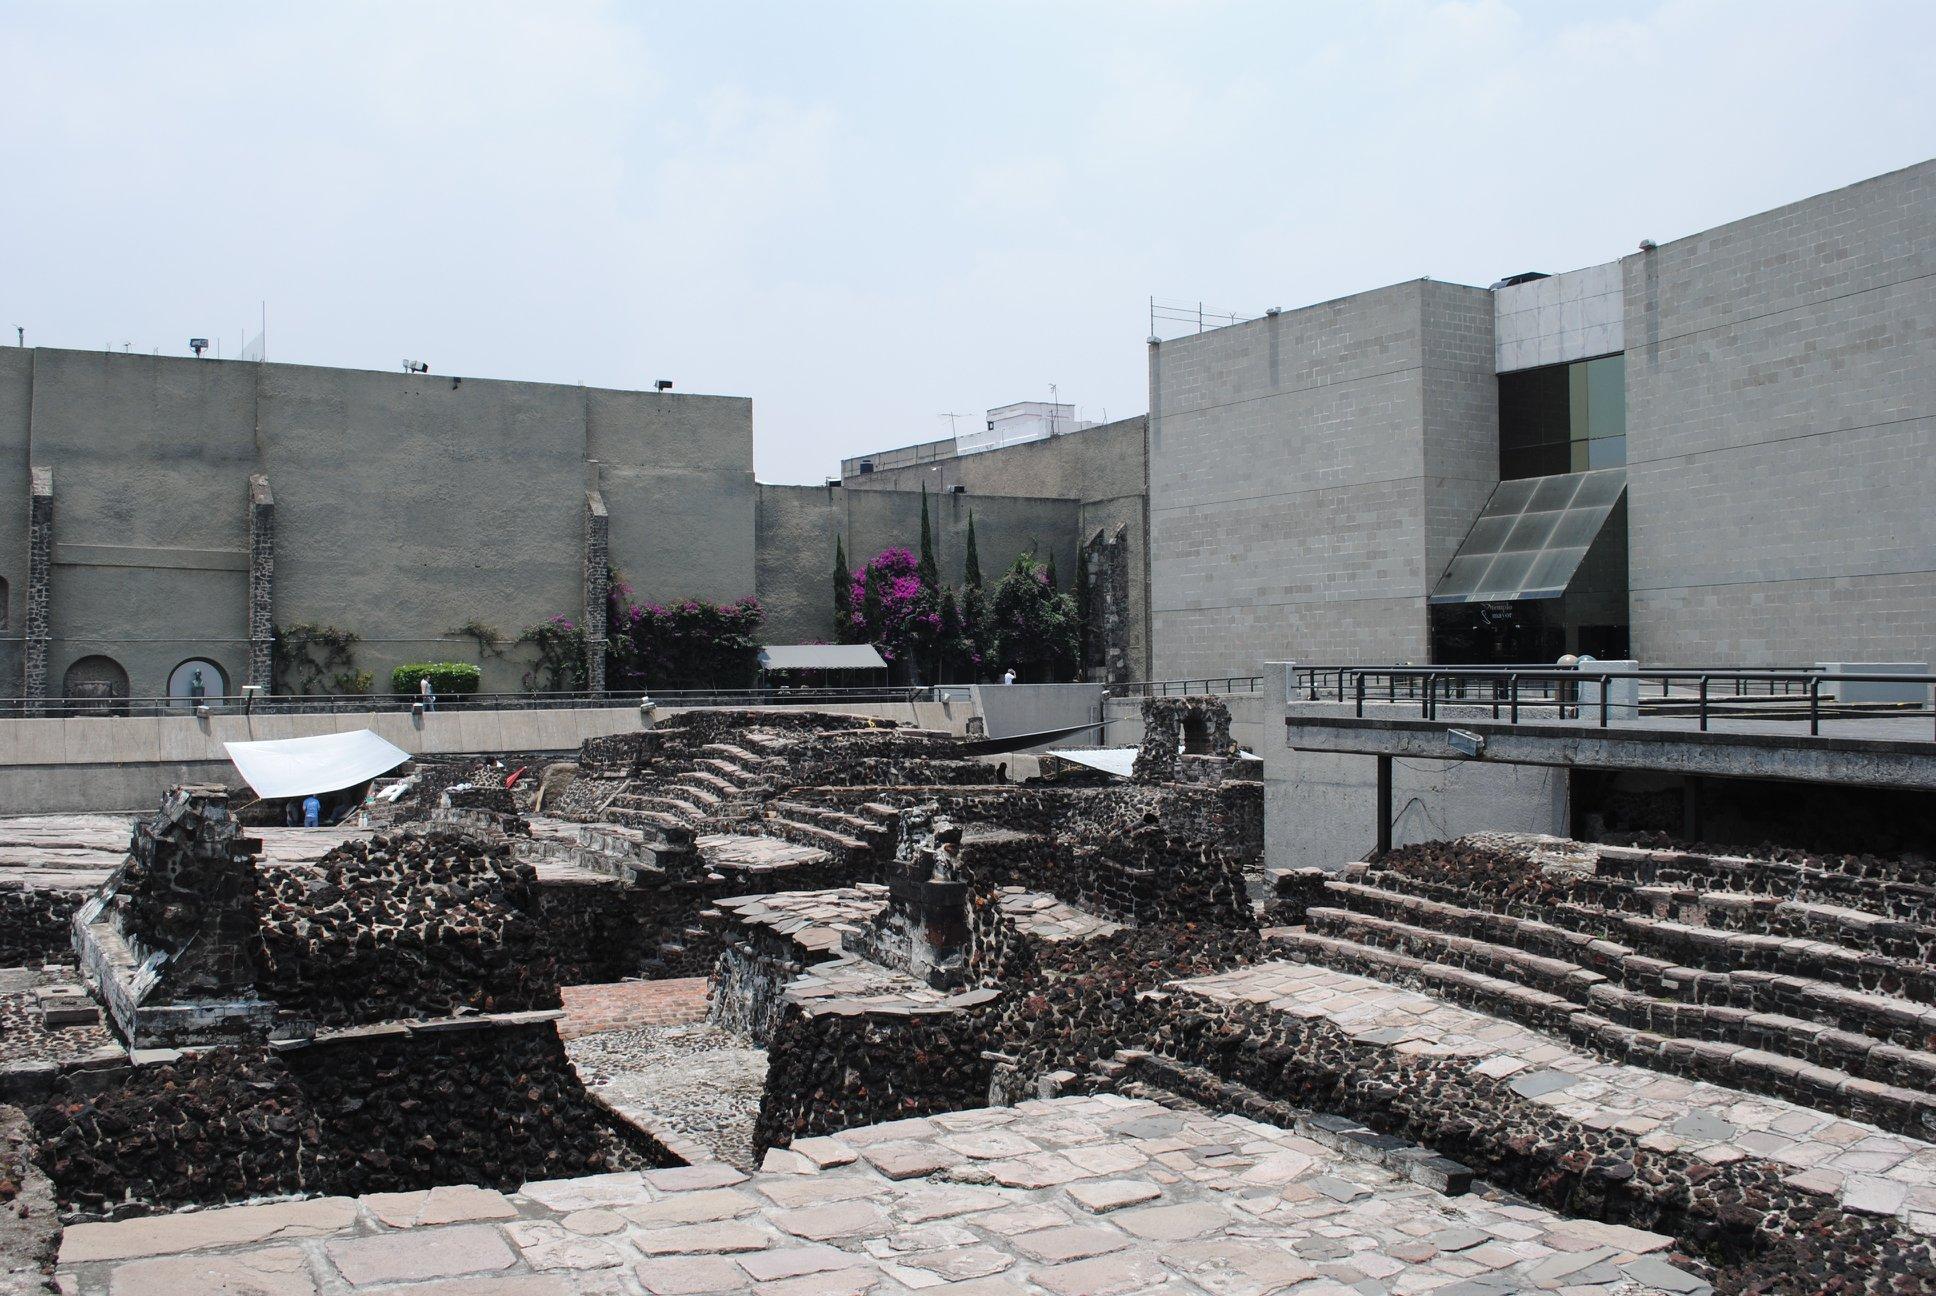 foto museo y zona arqueologica del templo mayor facebook 23 febrero 2019